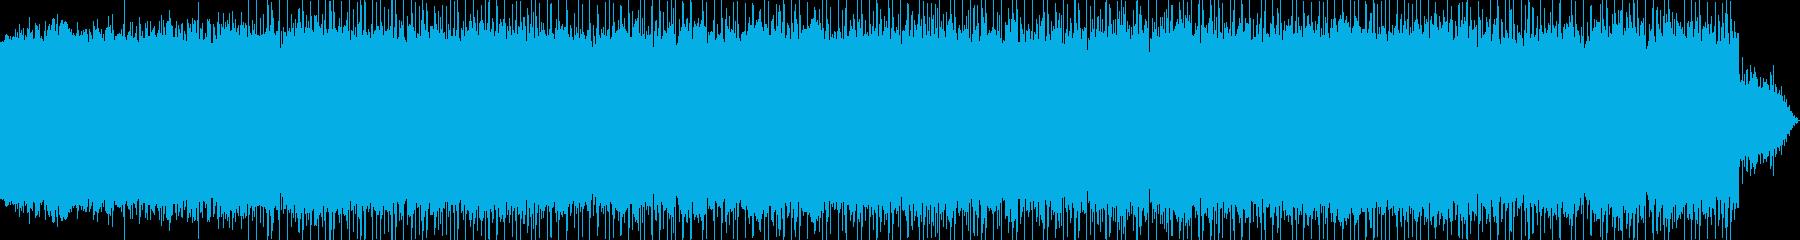 切ない・幻想的の再生済みの波形